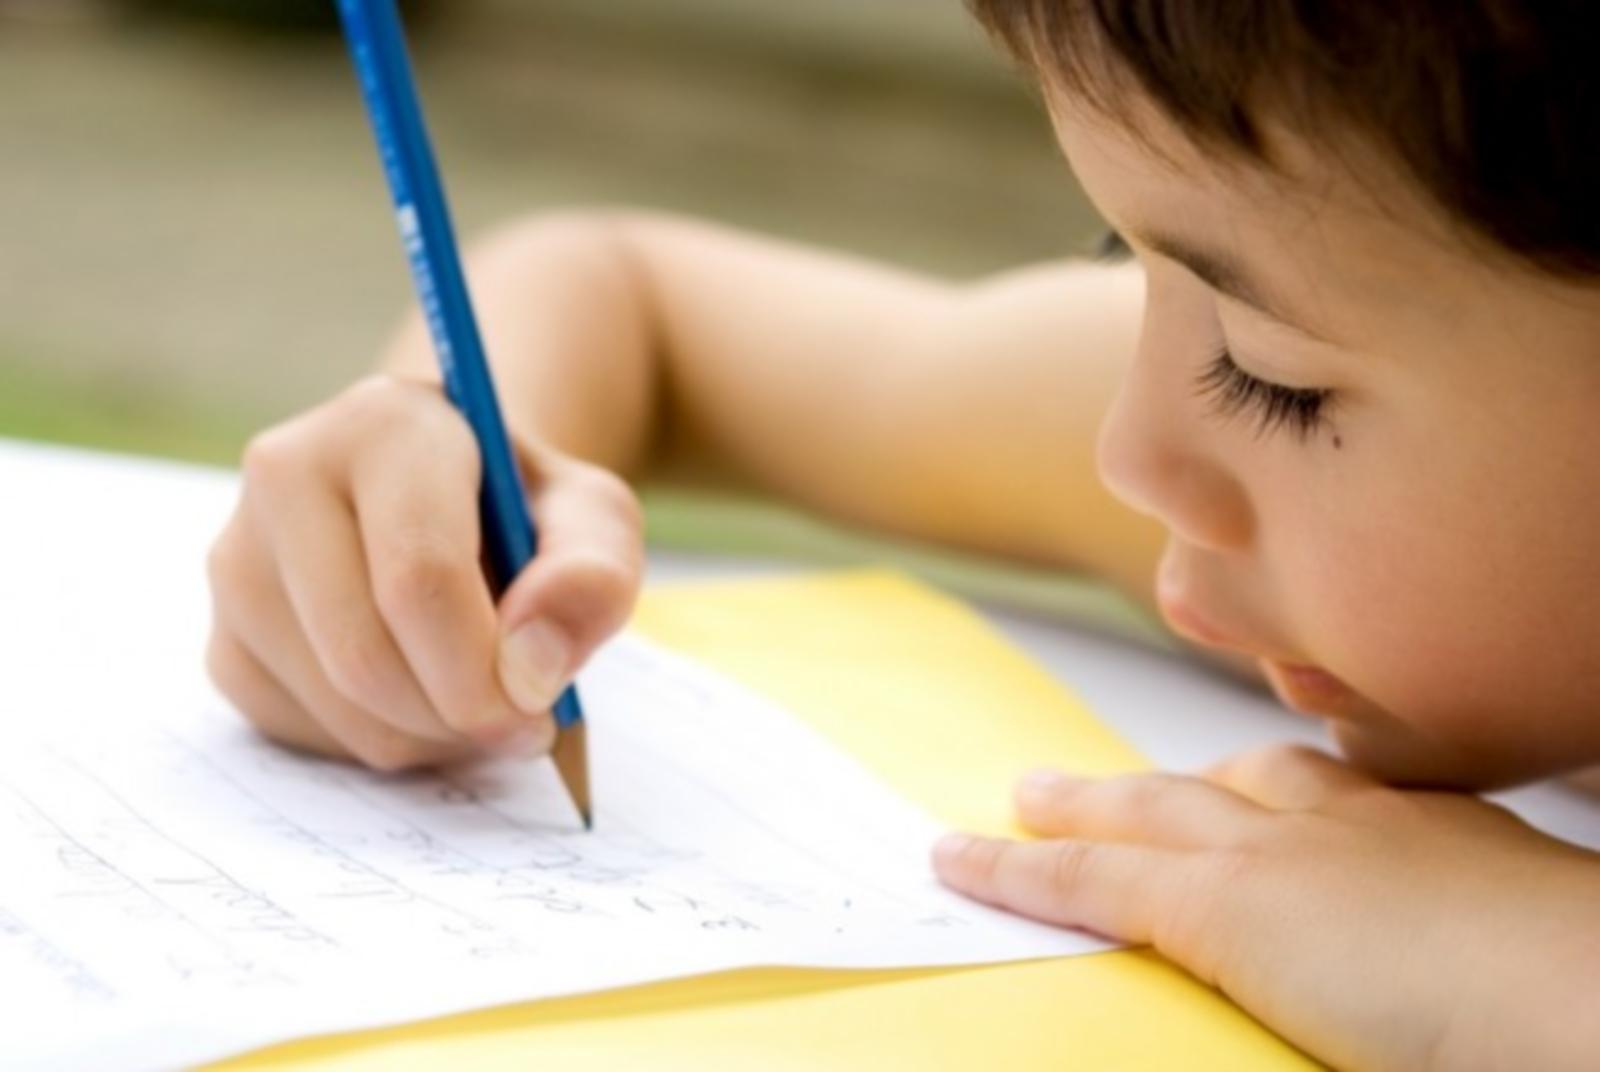 Κιναισθητική άσκηση γραφής για παιδιά με μαθησιακές δυσκολίες